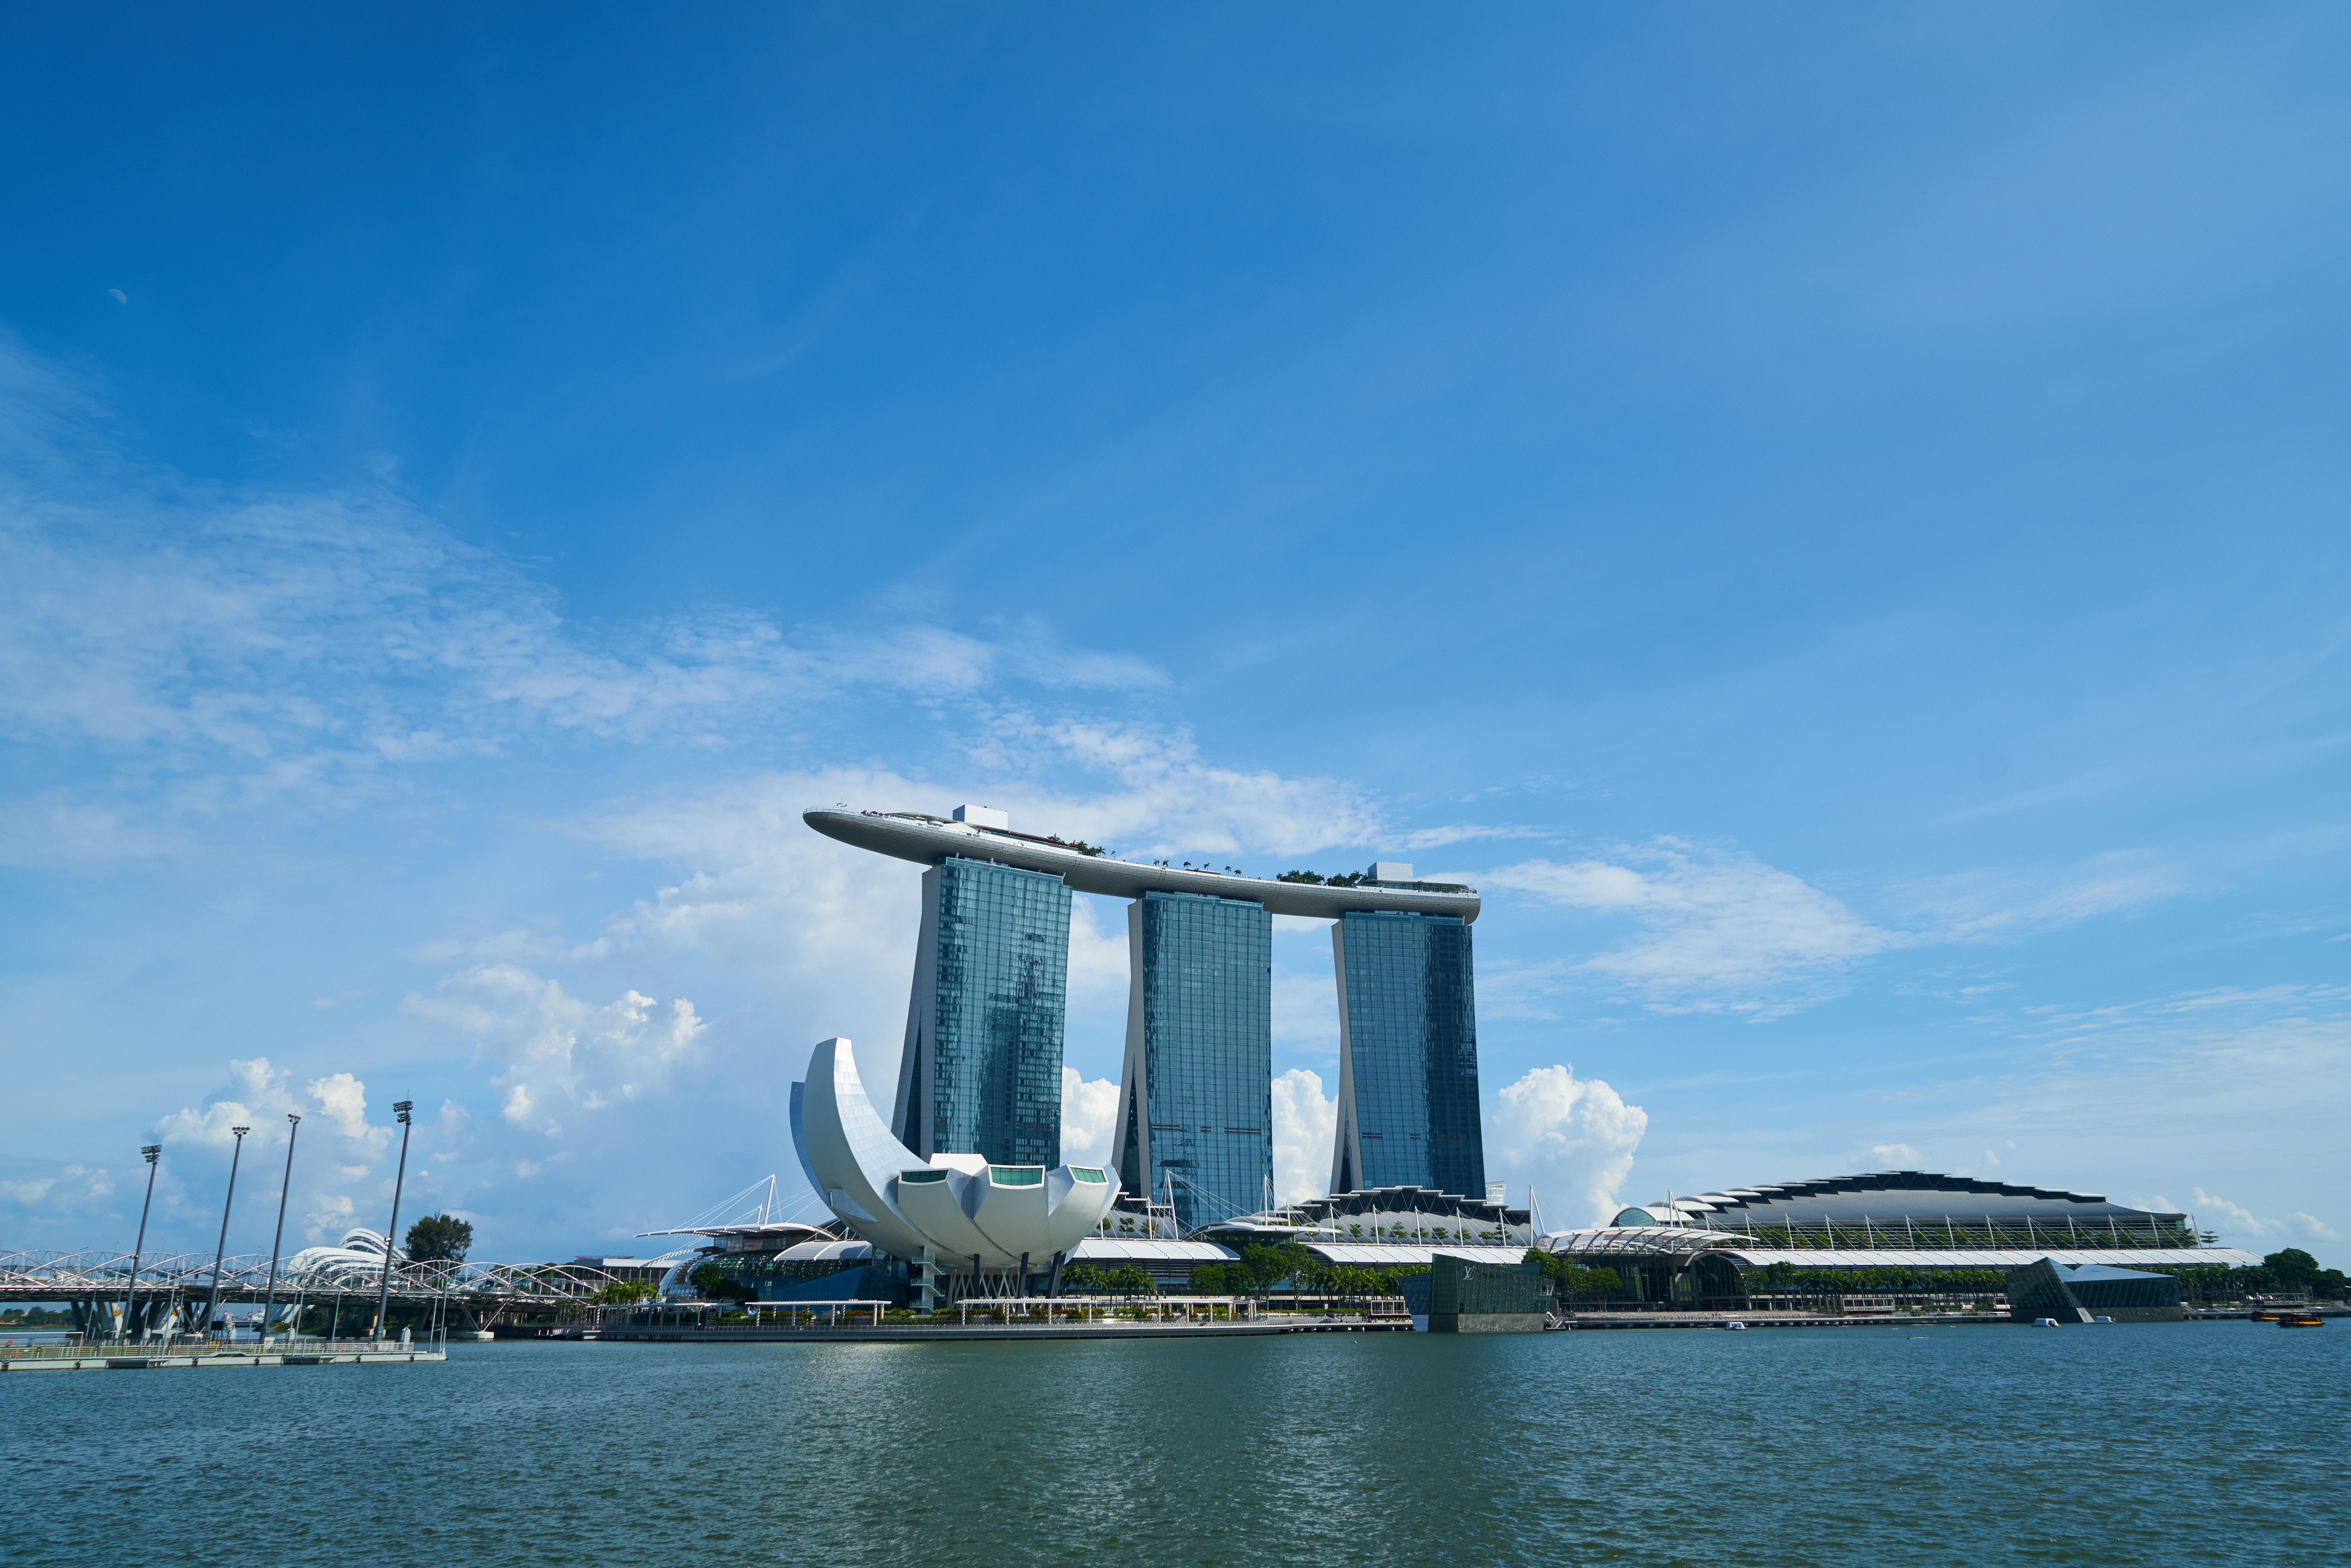 近代都市を駆け巡る! シンガポールマラソンツアー 2泊3日 or 1泊2日【旅工房ベトナム】